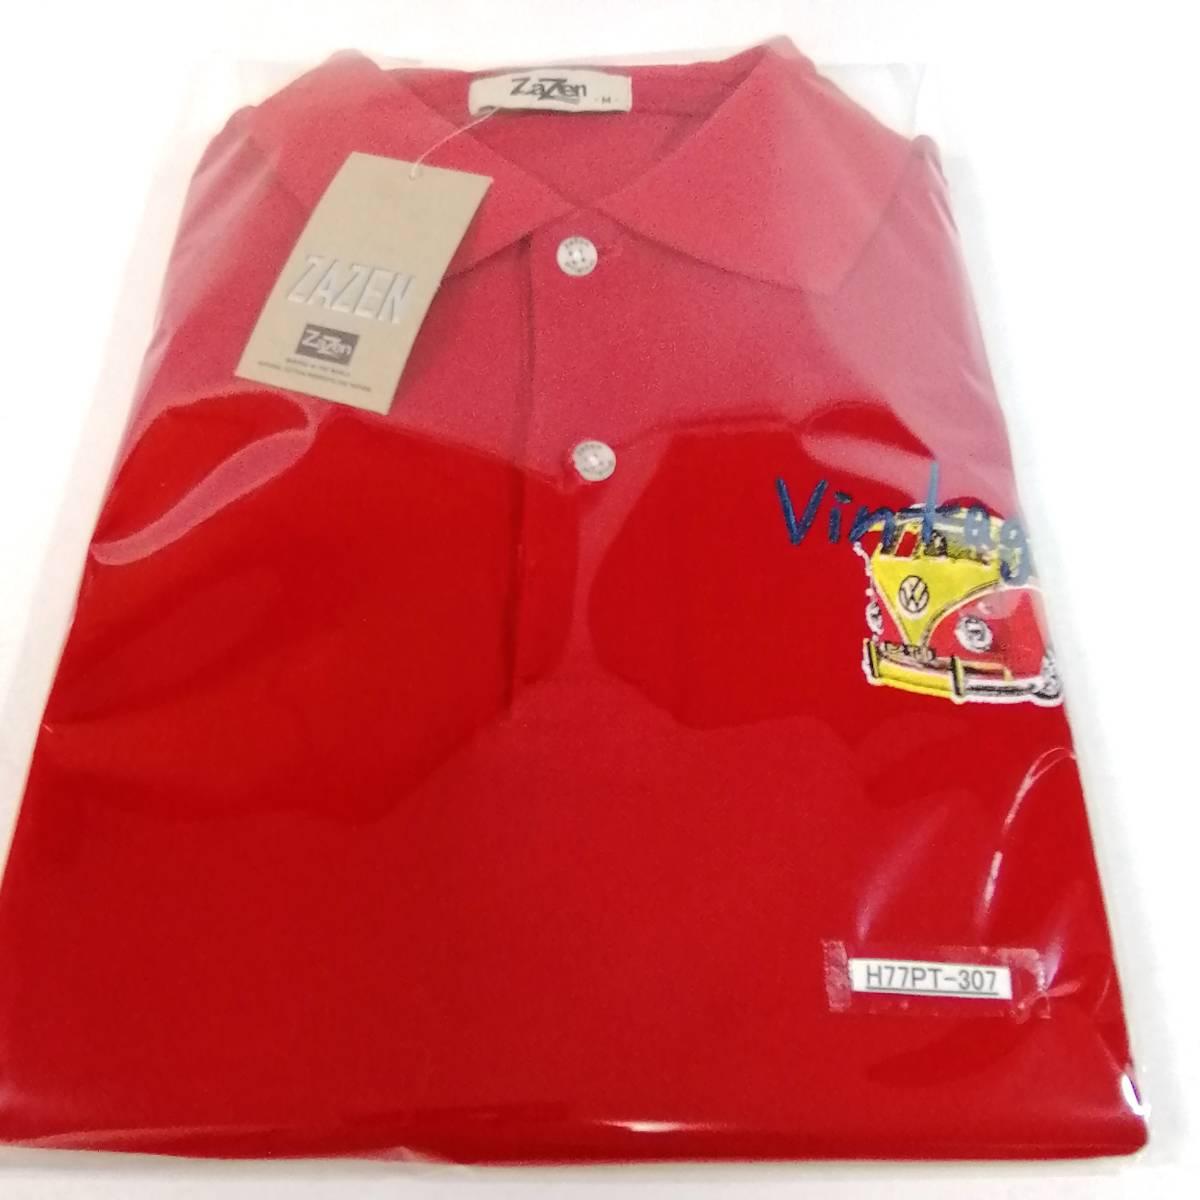 ポロシャツ 未使用 メンズ サイズ M レディース ビンテージ 半袖 柄シャツ プリント コットン 綿 cotton 車 デッドストック H-307